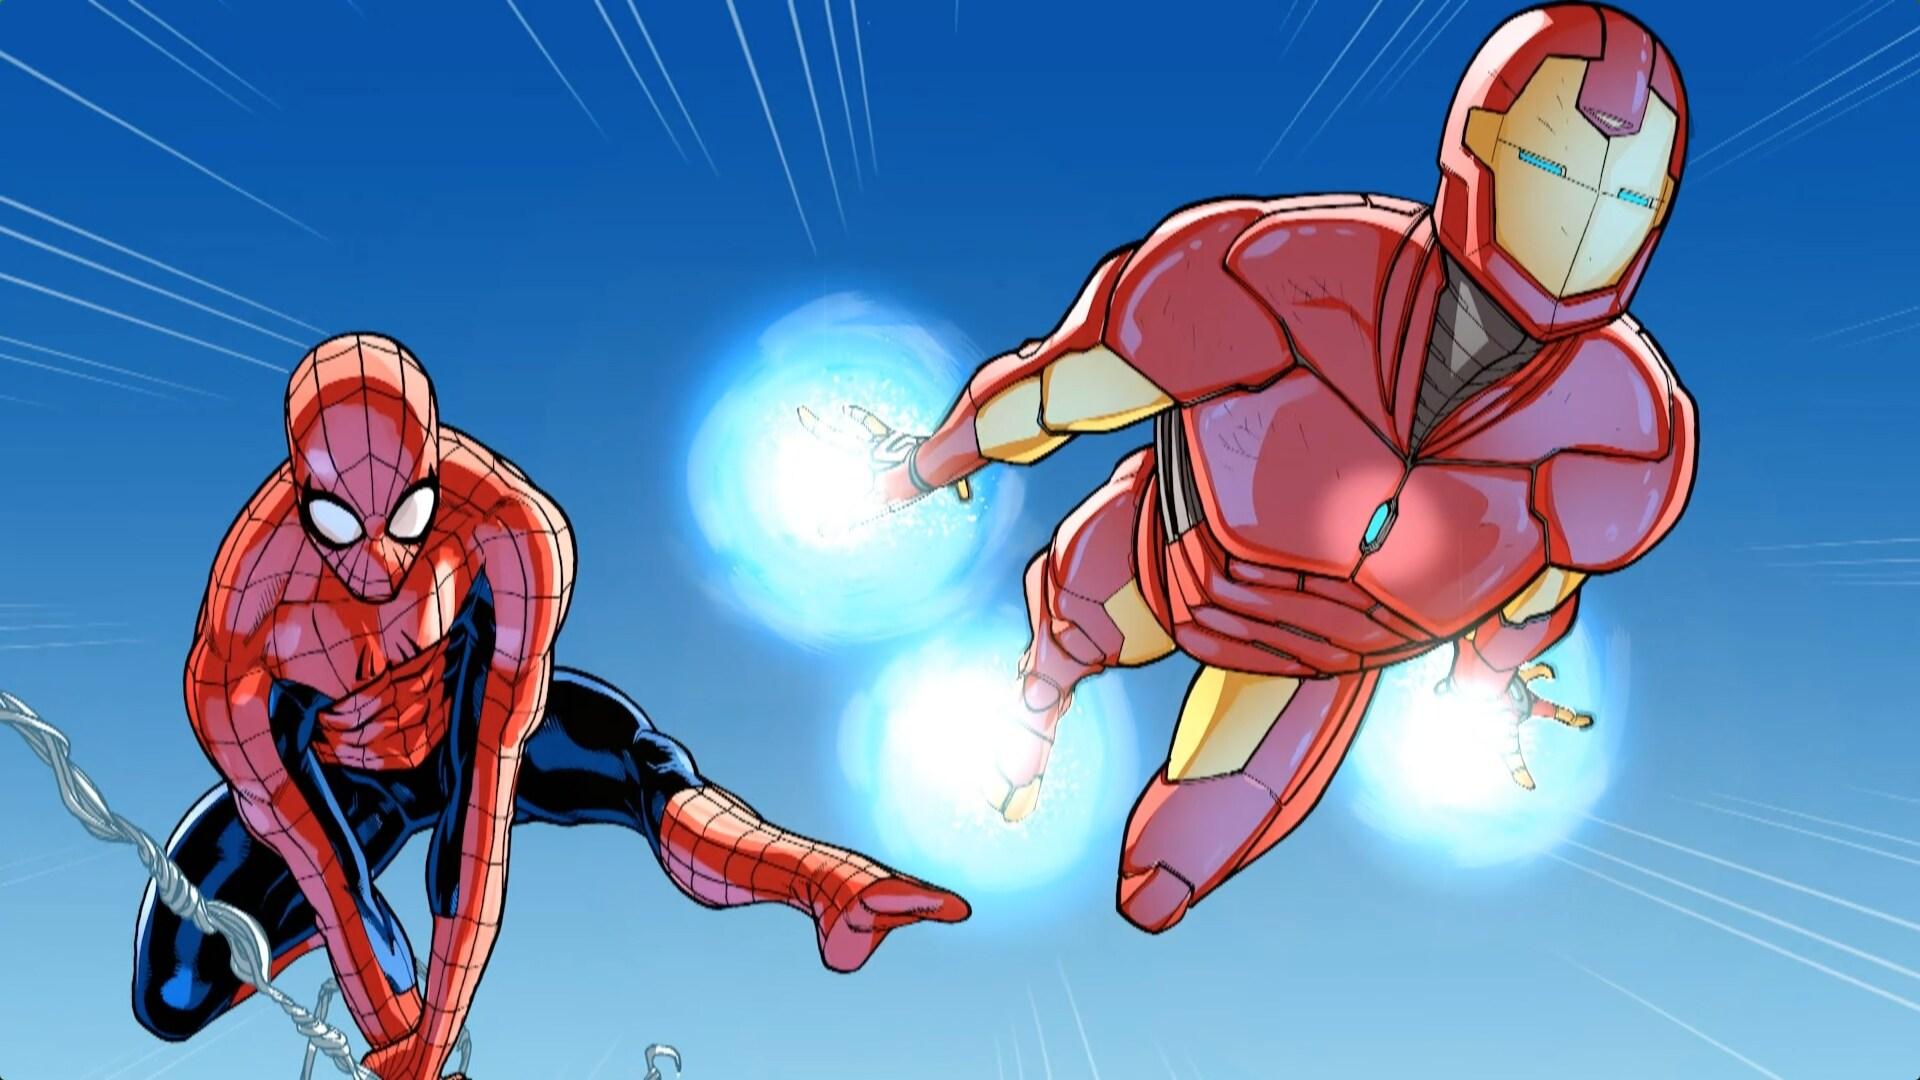 Homem-Aranha e Homem de Ferro - Dia de treinamento 1